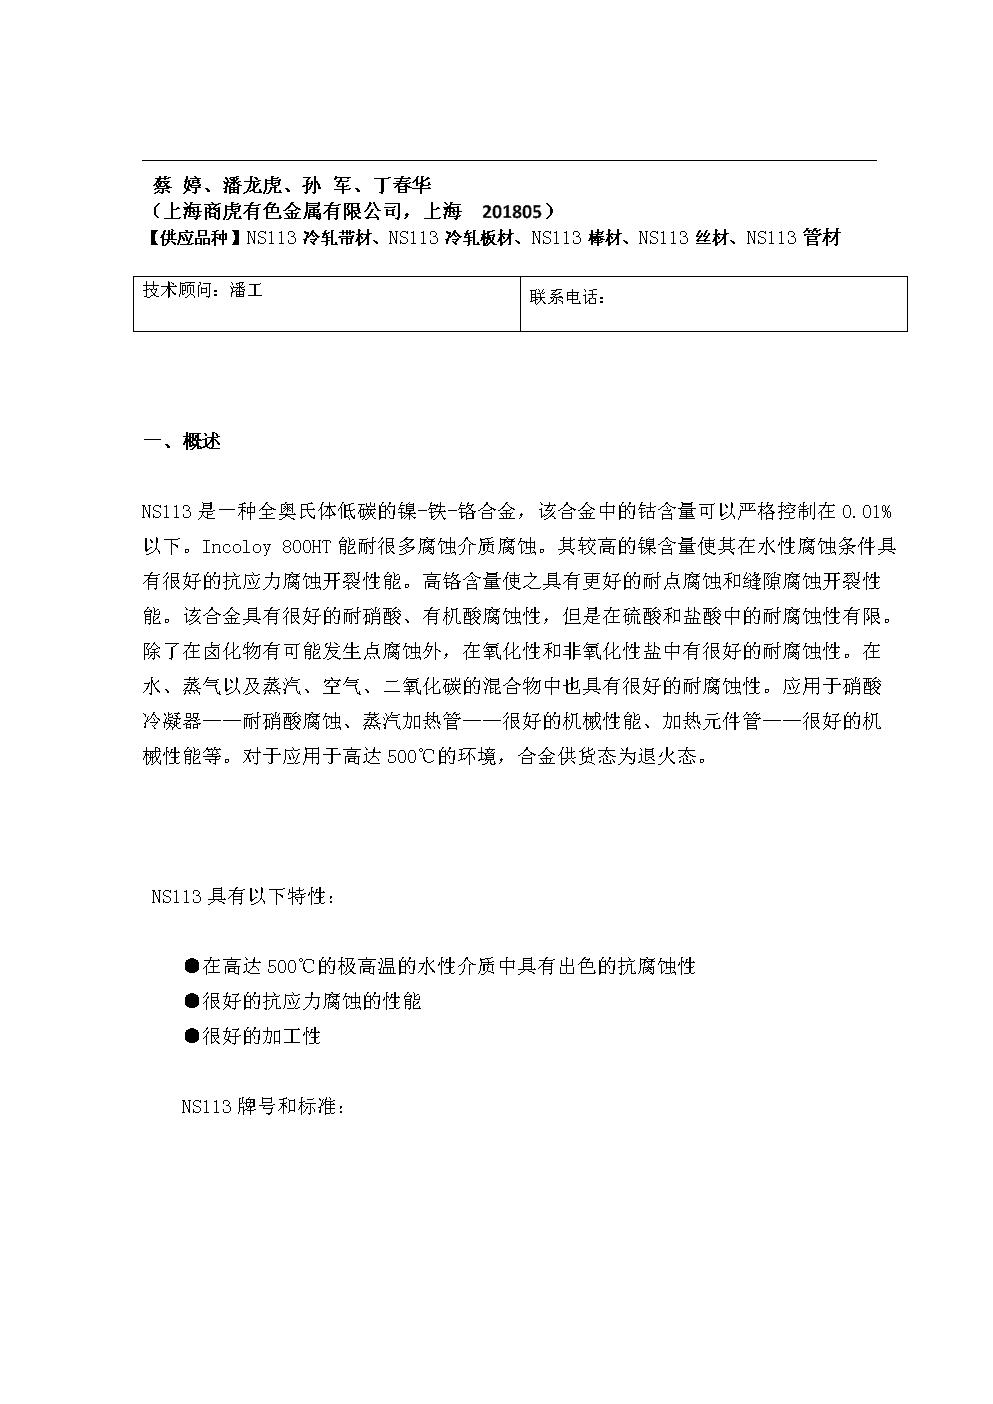 NS113(Incoloy 800HT)-上海商虎合金技术.doc